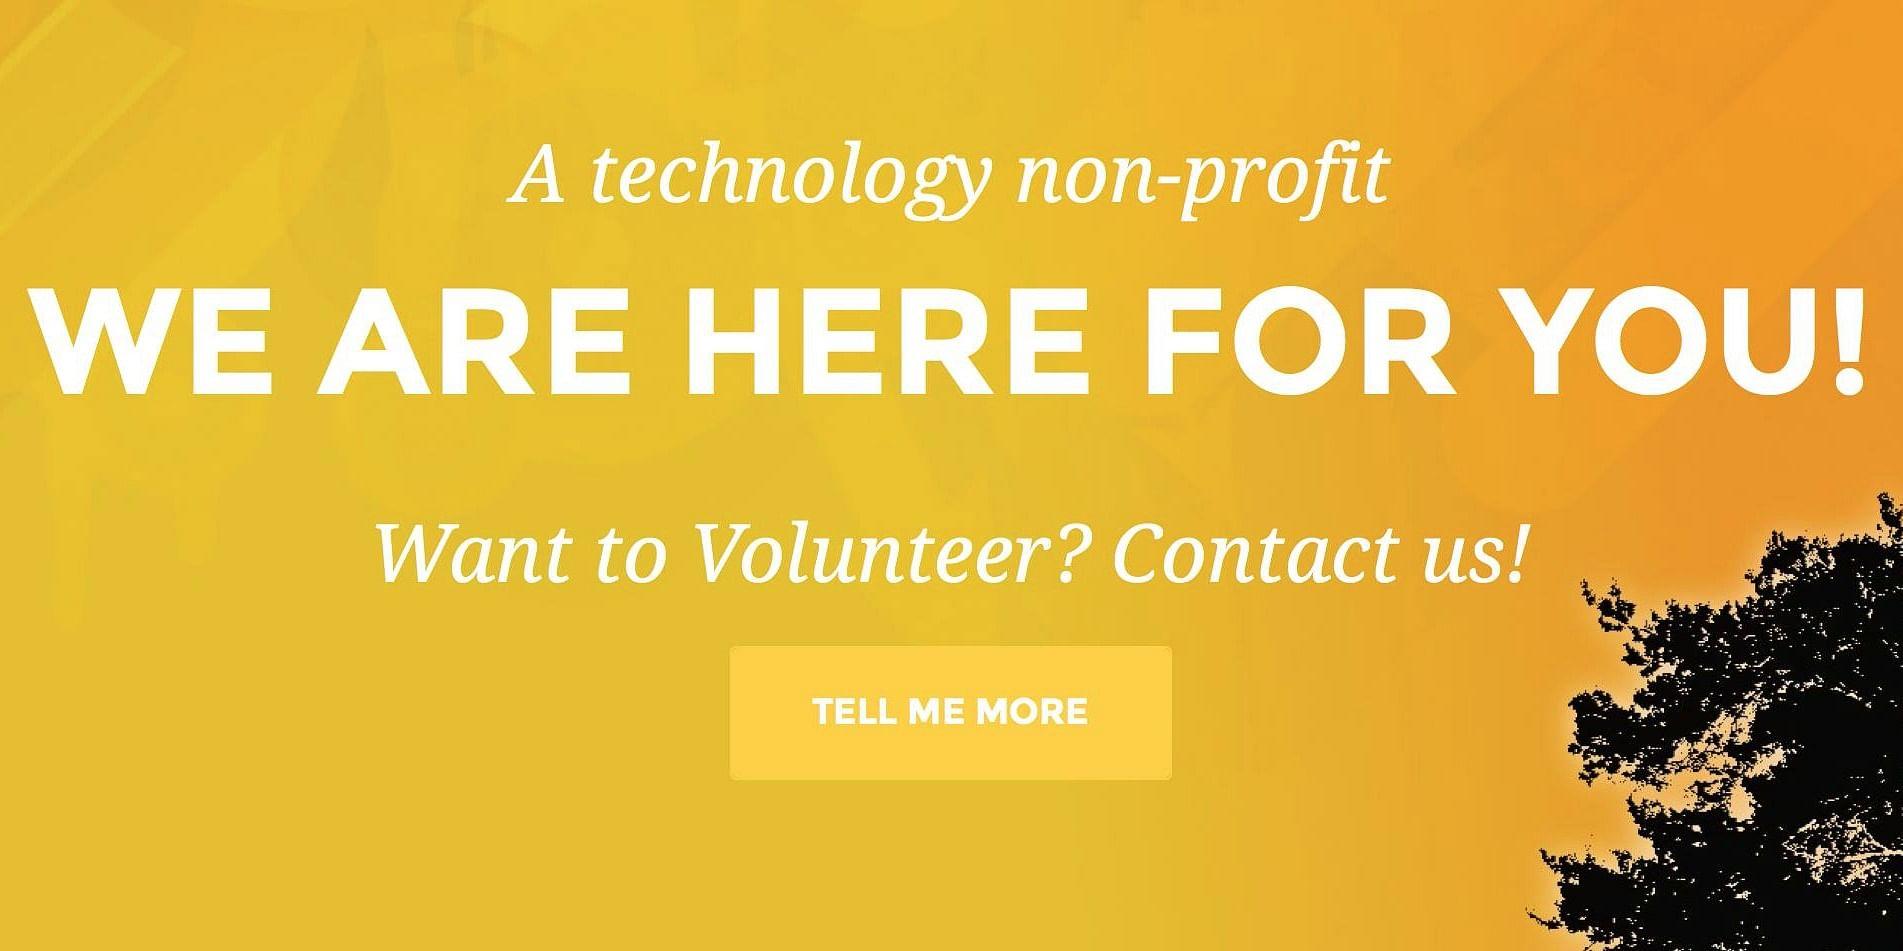 Screenshot from TechStart's website